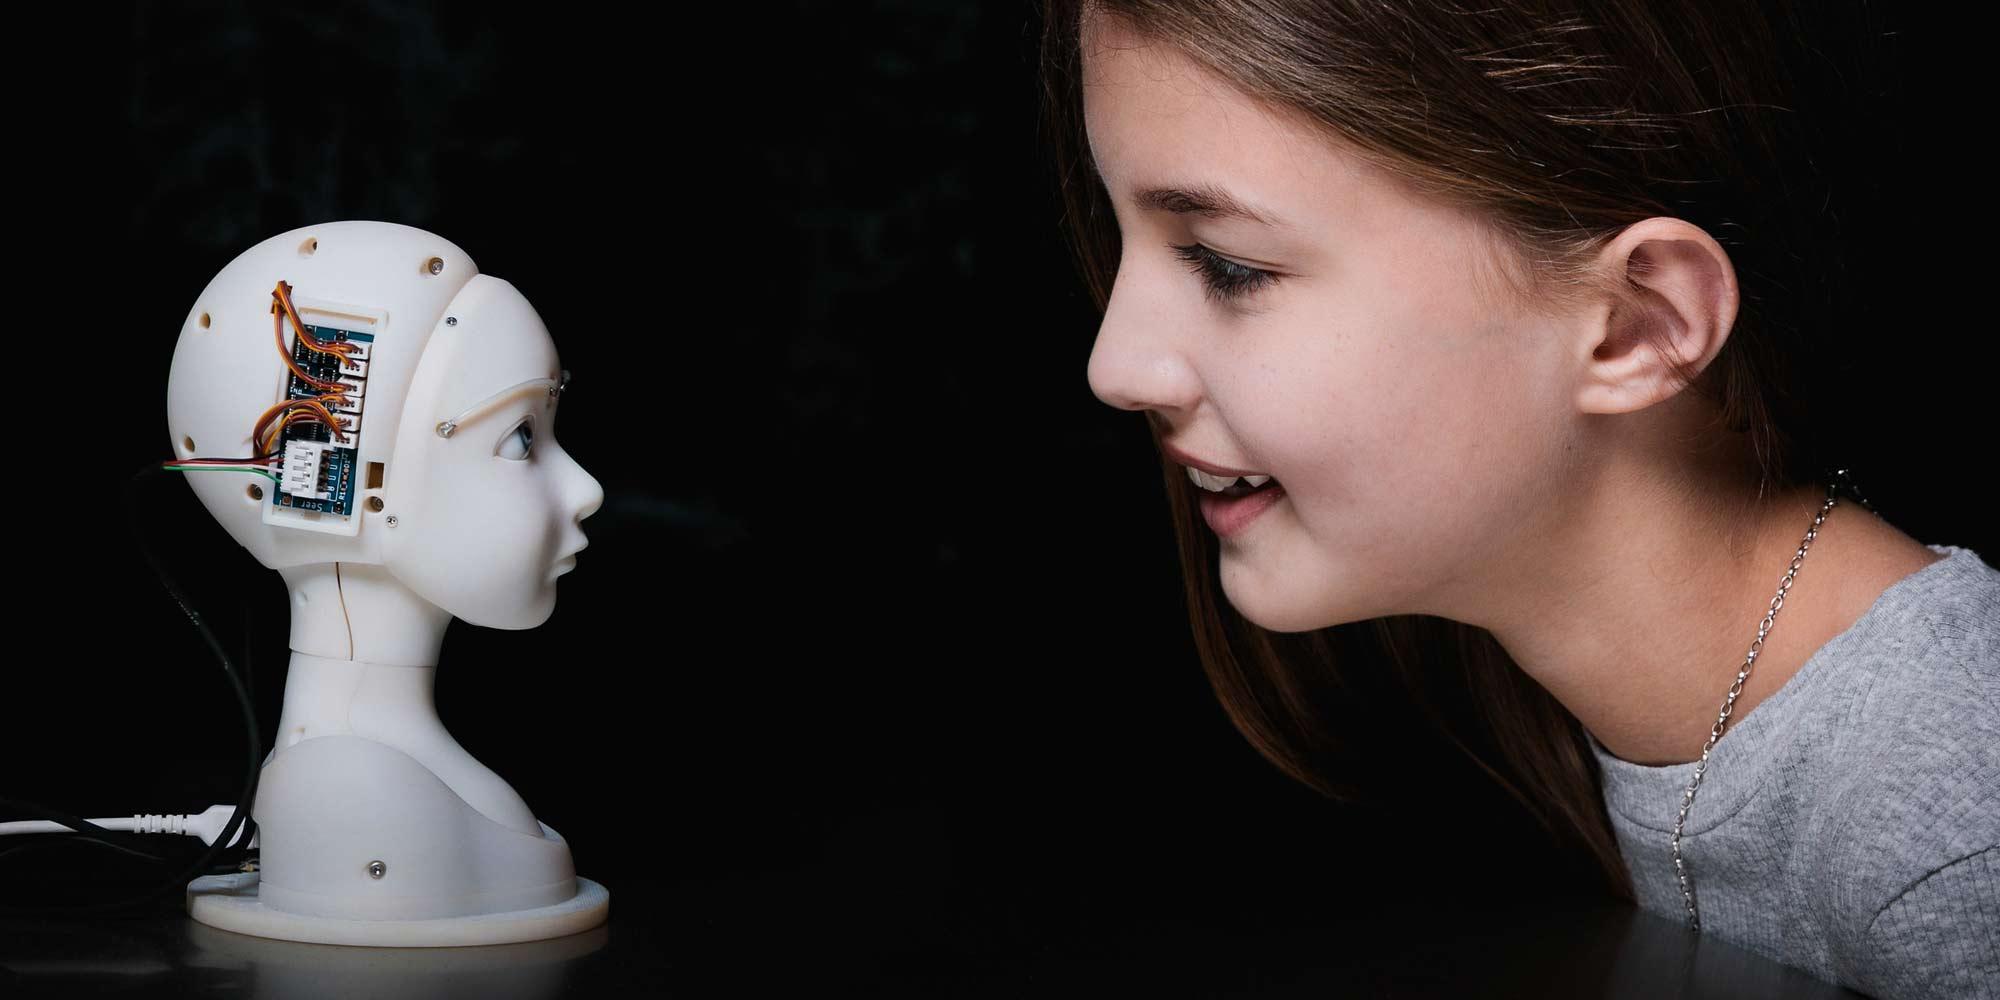 Macchine e persone formano legami sempre più stretti.  Cosa significa questo per noi e per la nostra immagine di sé?